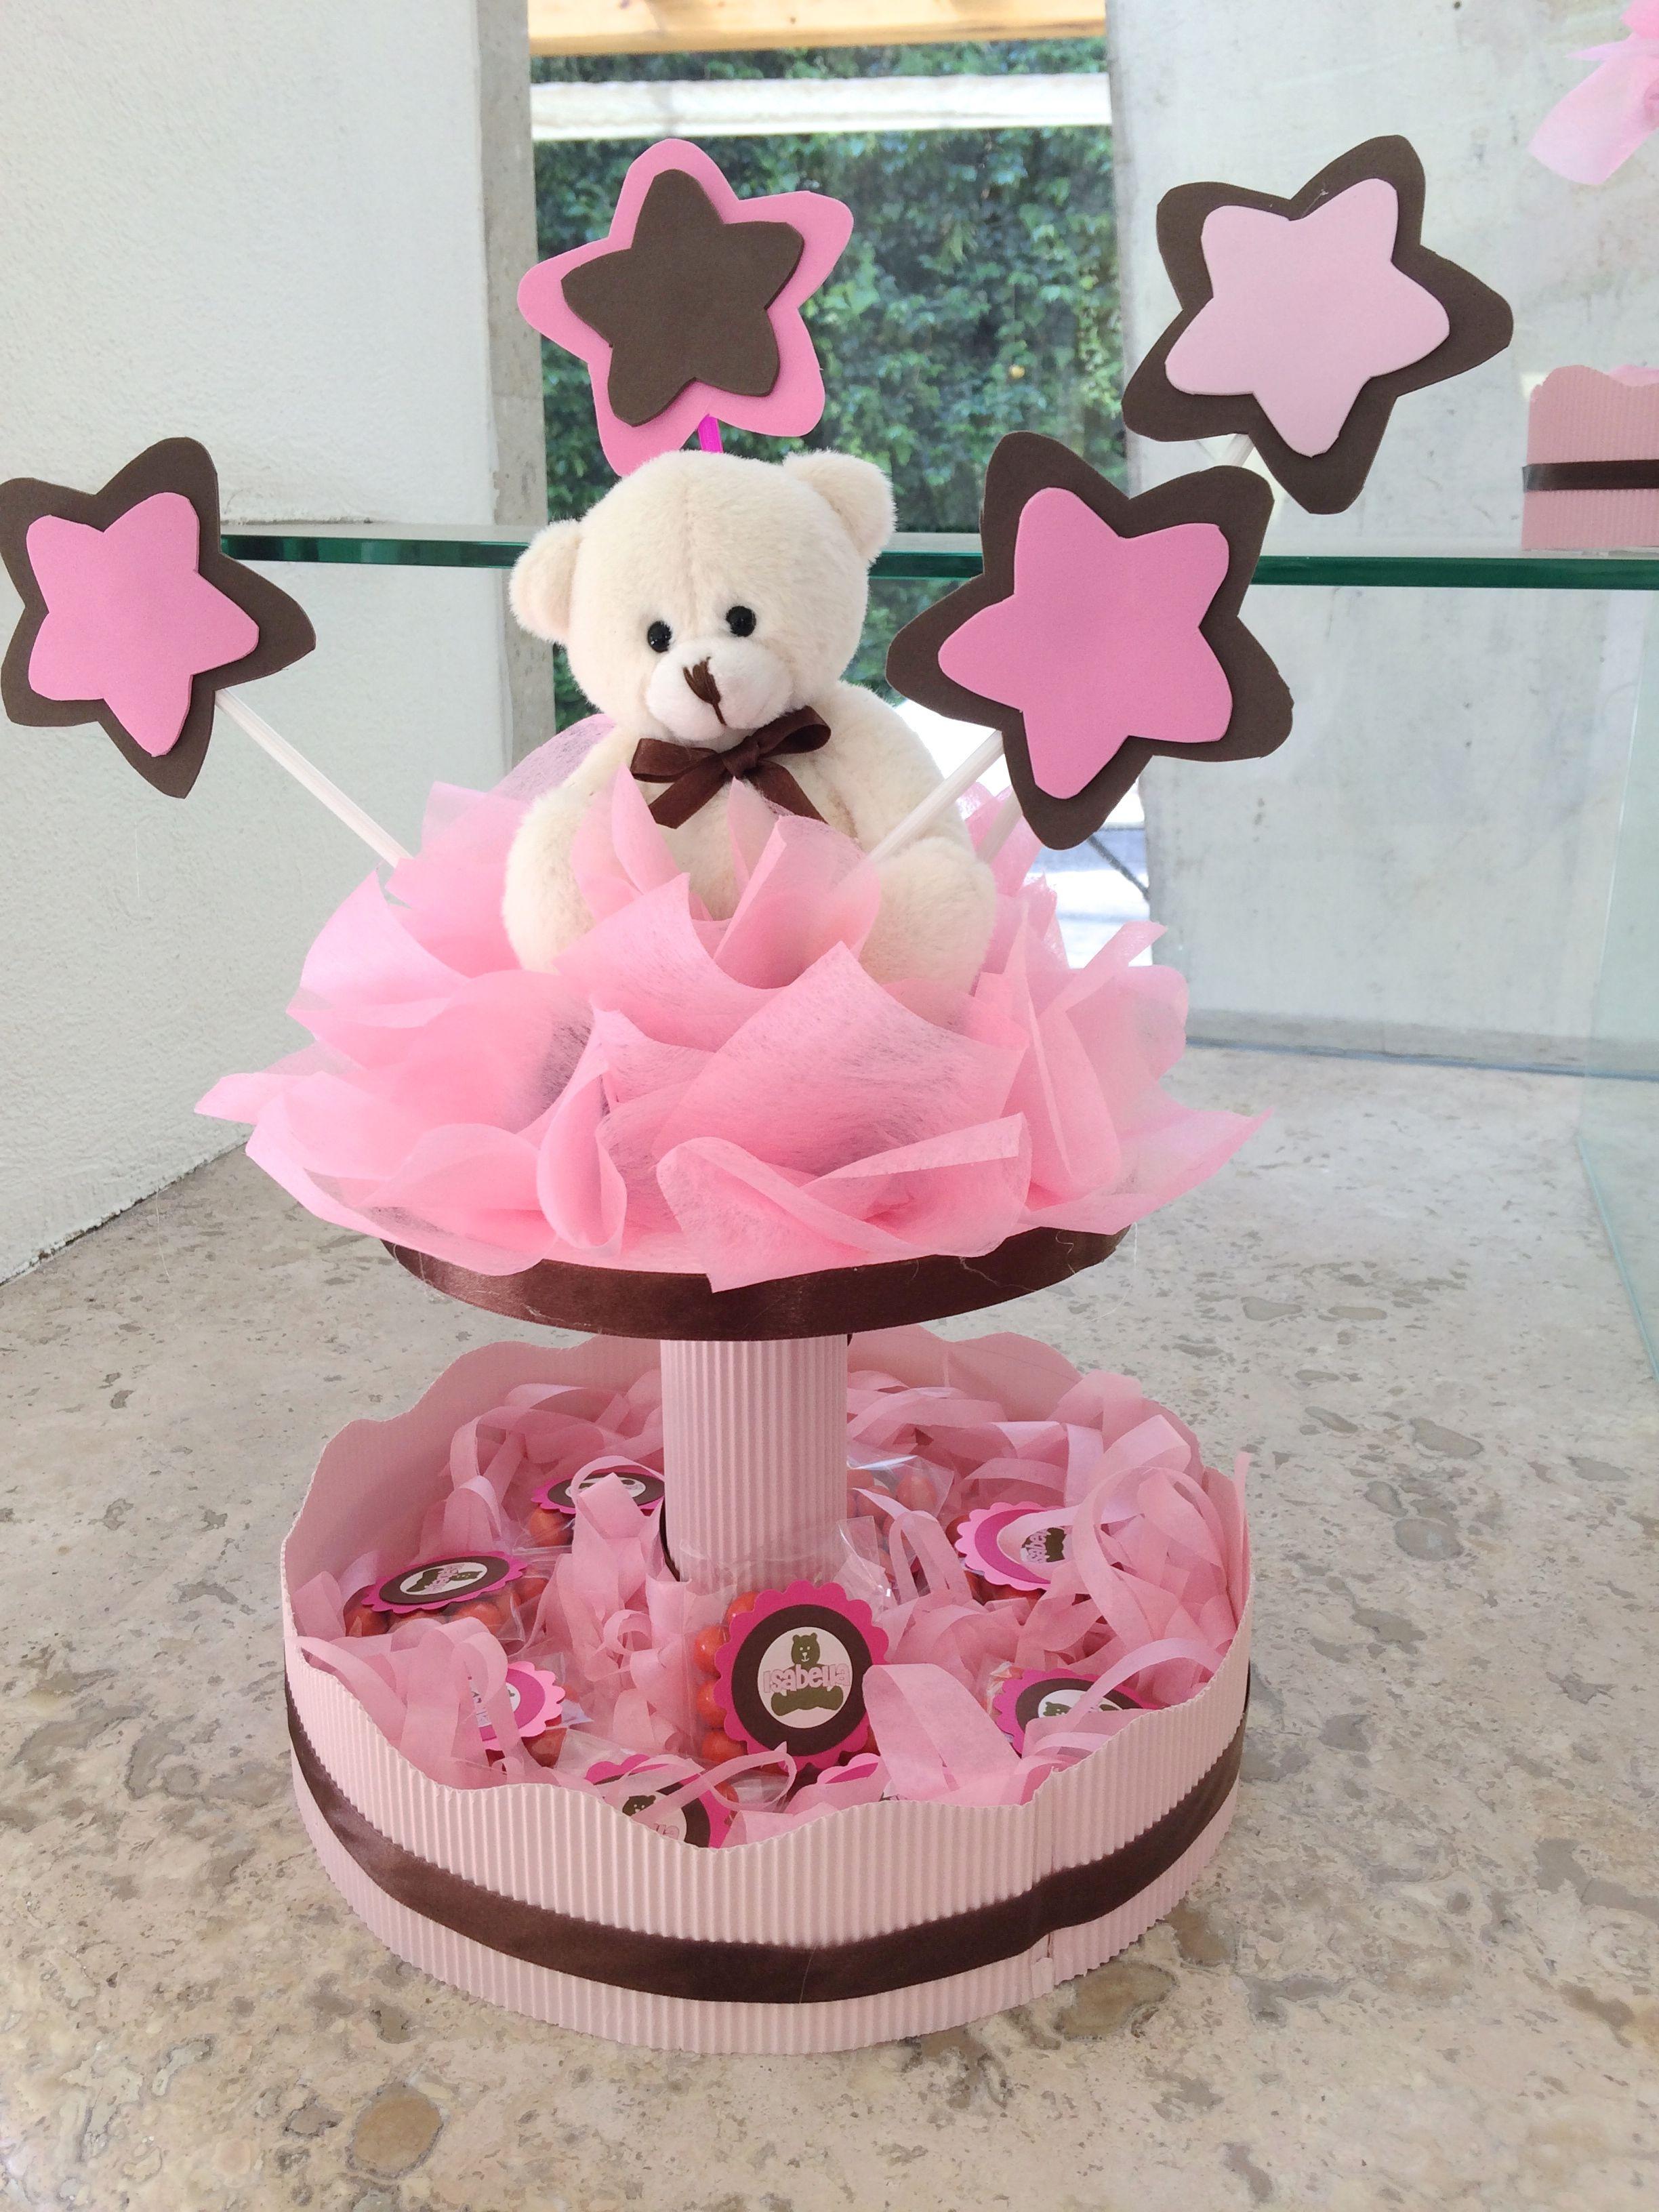 Centro De Mesa Teddy Bear Para Babyshower De Nina Decoracao Cha De Bebe Decoracao Festa Menino Festa De Aniversario Infantil